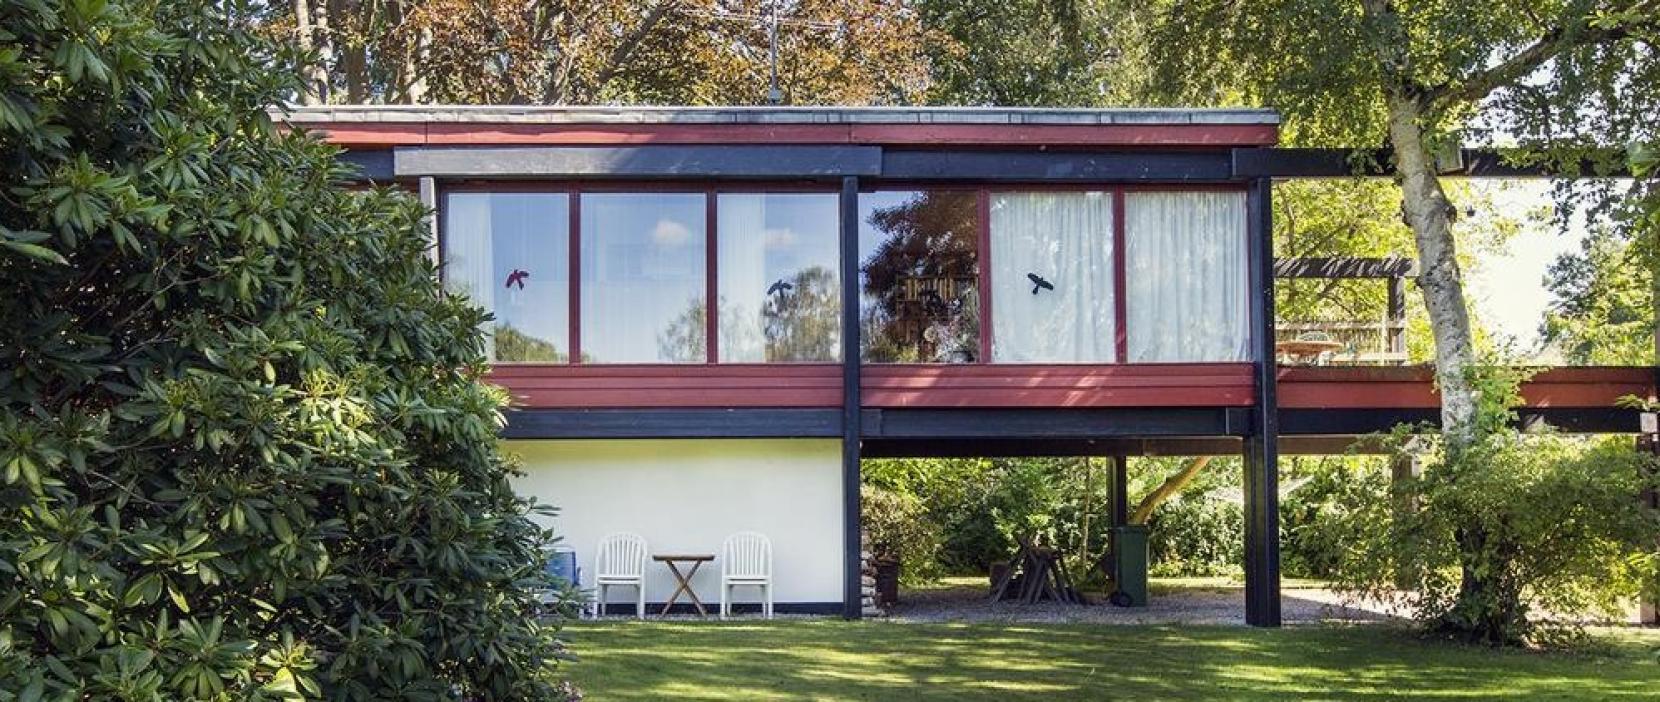 Foto af hus tegnet af Utzon i Holte